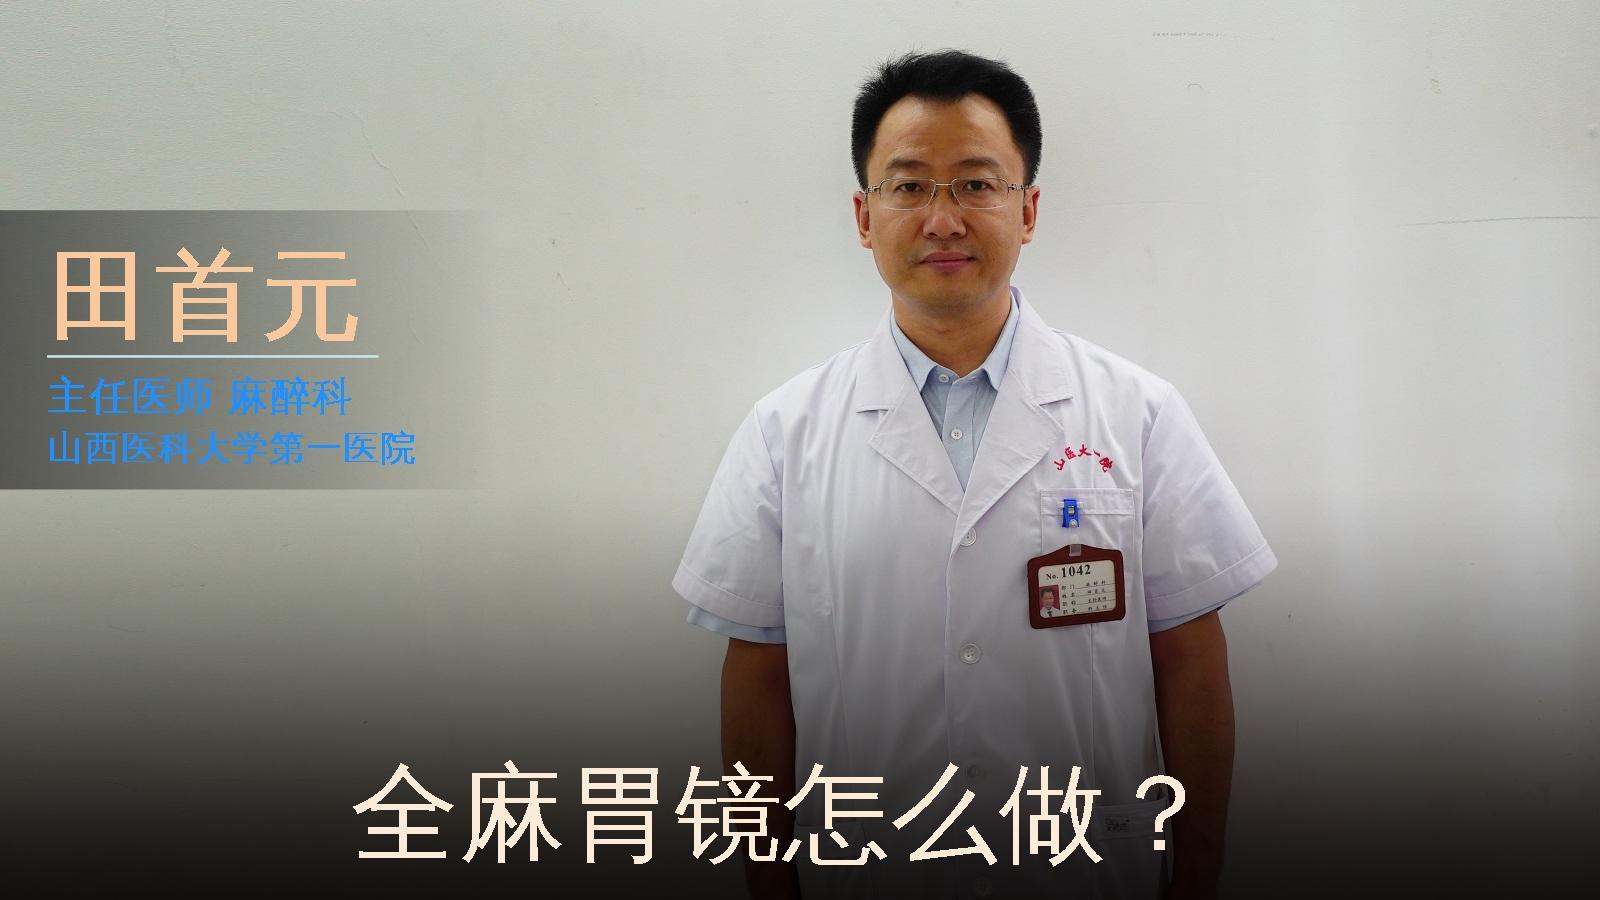 全麻胃镜怎么做?